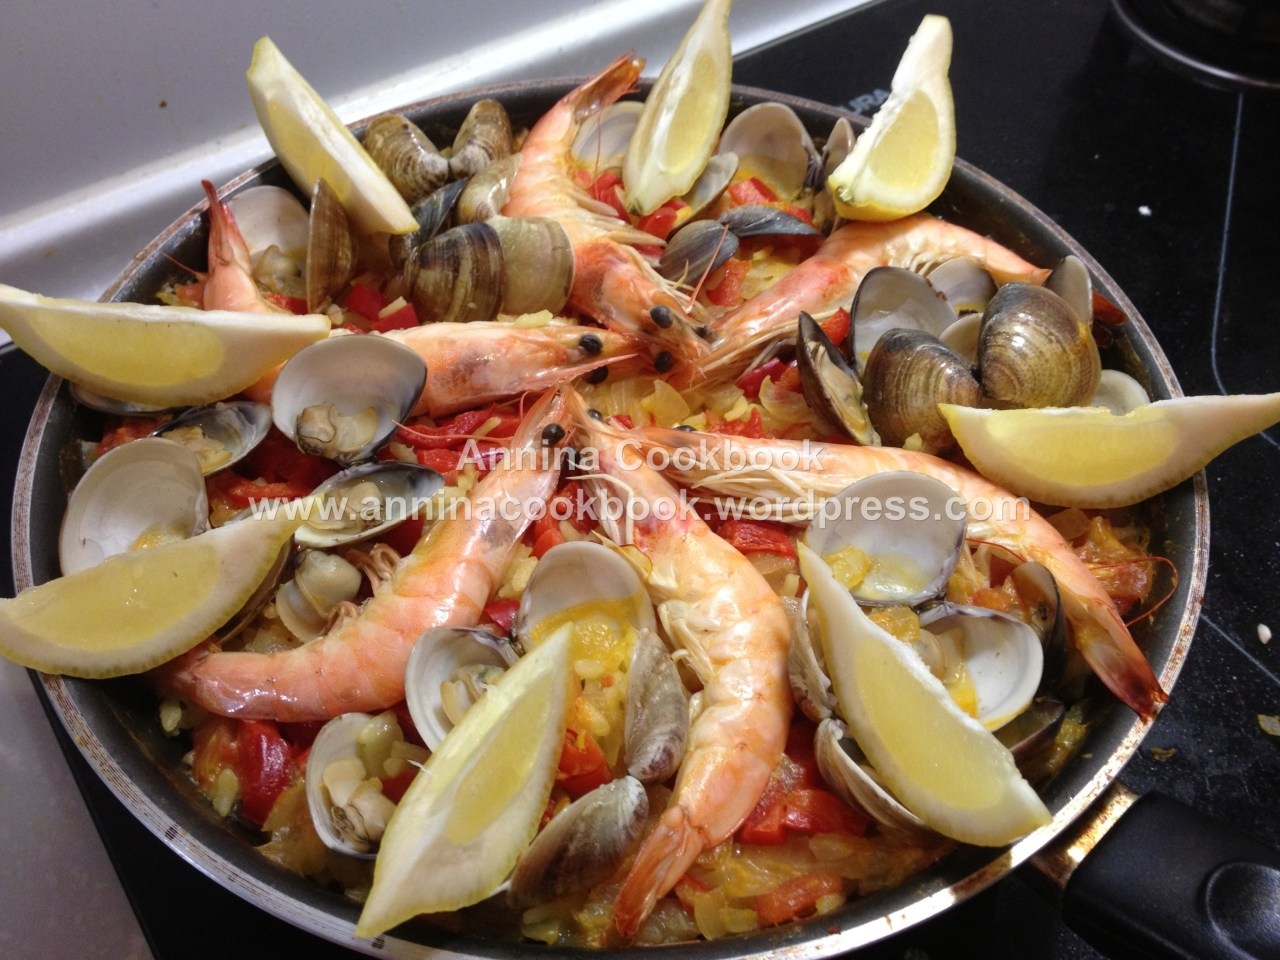 Paella 西班牙海鮮飯 | Annina Cookbook